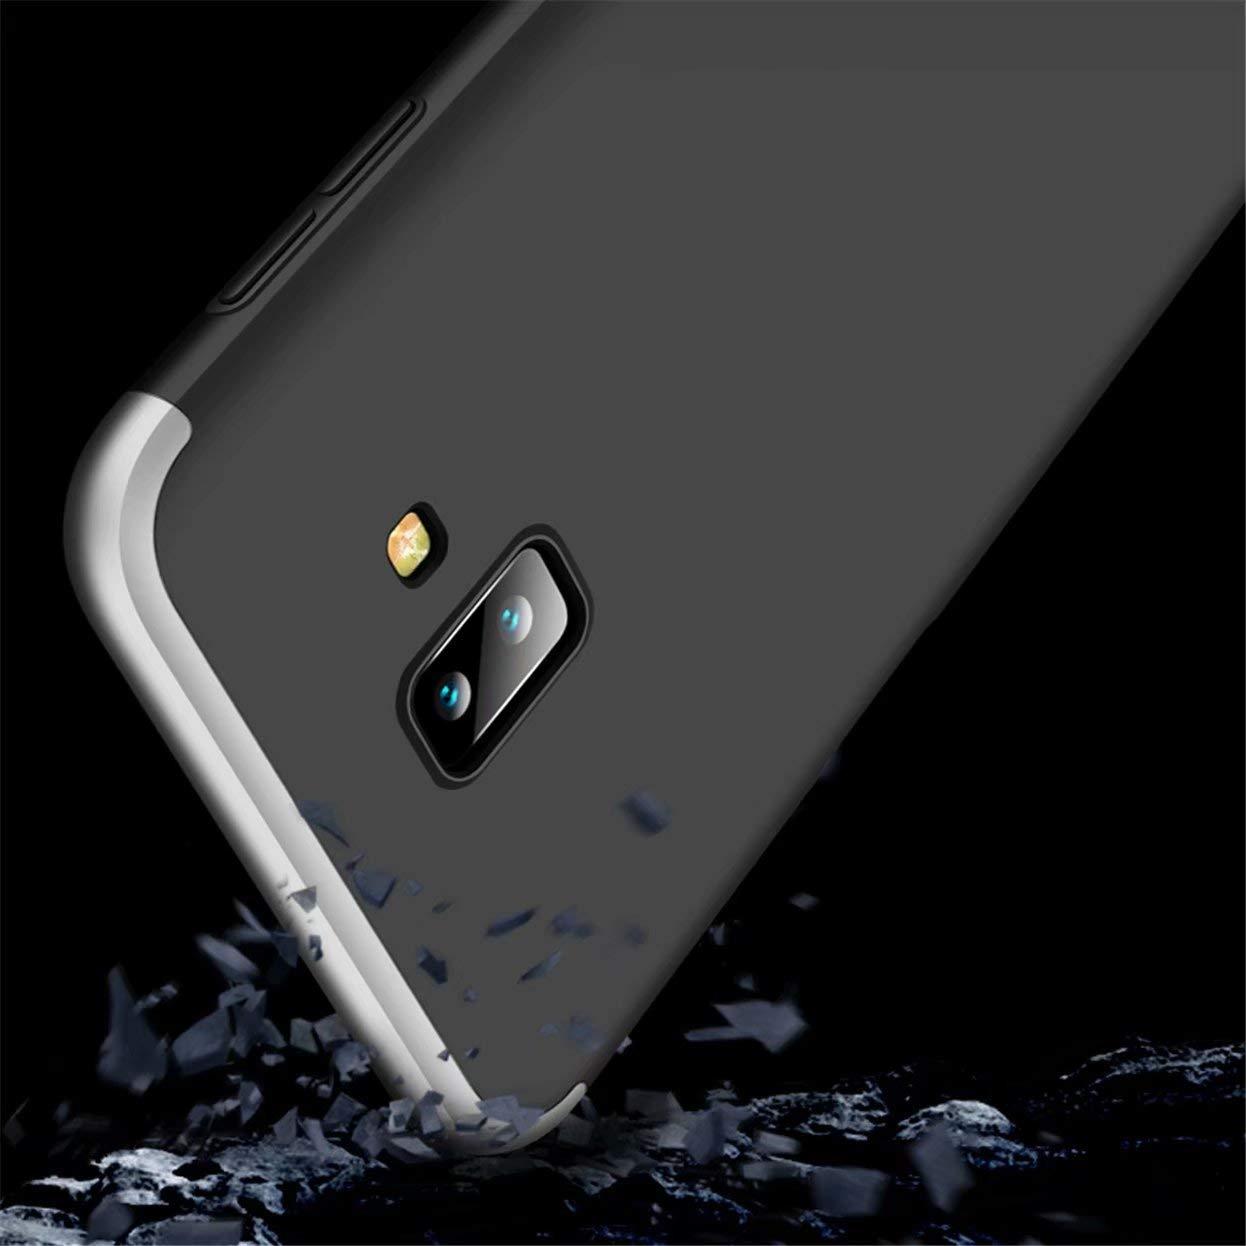 Meeter Funda para Samsung Galaxy J6 2018 HD Protector de Pantalla Carcasa Caso Case Cover para Samsung Galaxy J6 2018 Oro Rosa Carcasa M/óvil de Protecci/ón de 360/° 3 en 1 Desmontable con